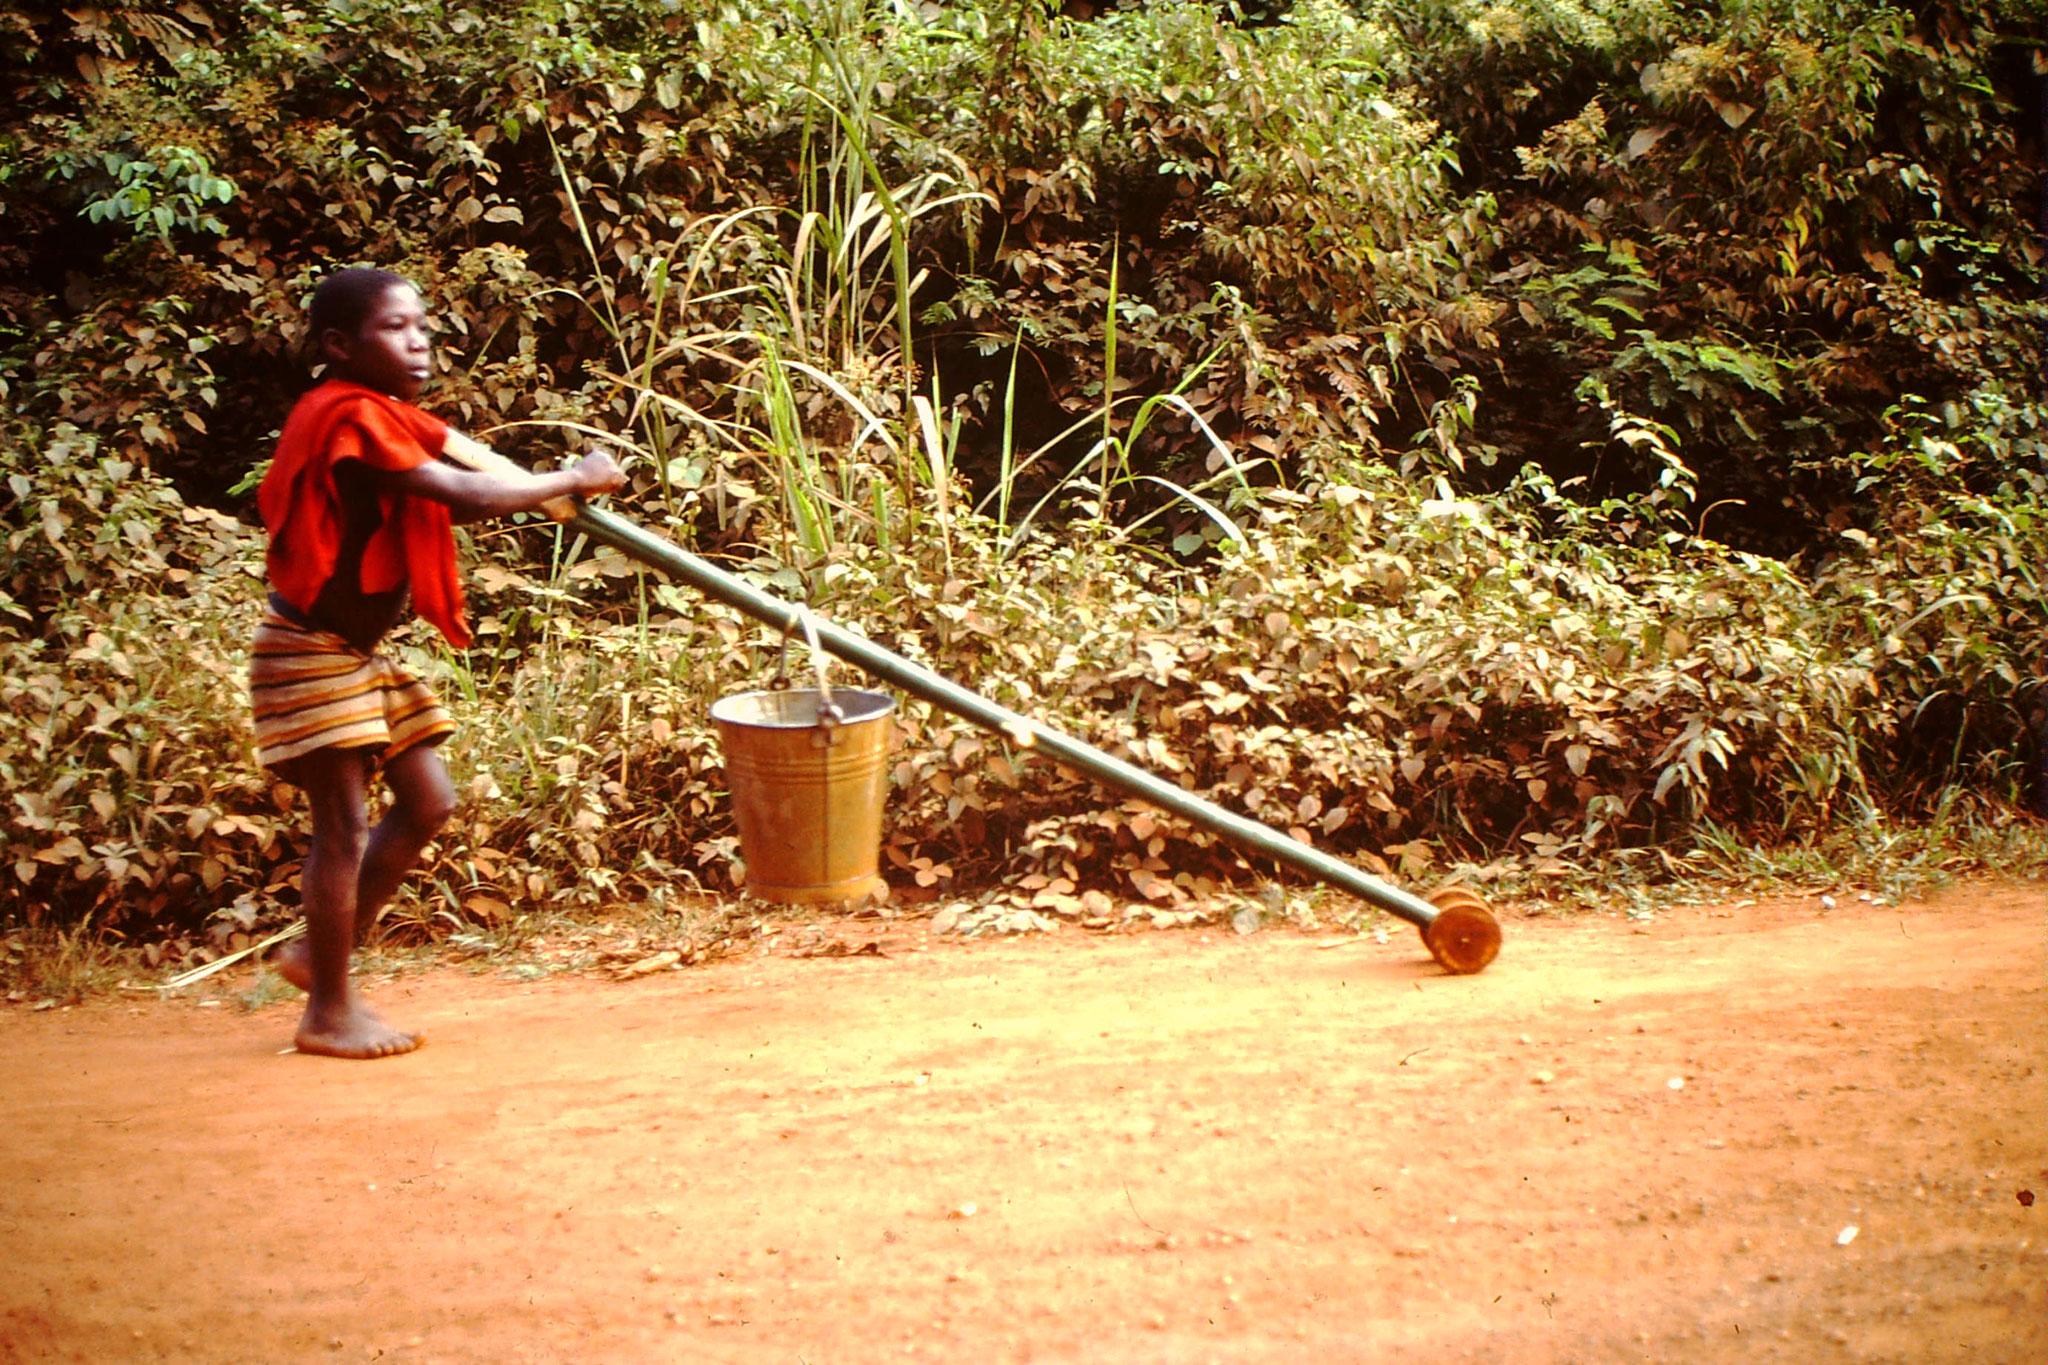 Auf diese Art und Weise konnten auch Kinder Wasser holen. Das Lebenselixier musste oft Kilometerweit getragen, oder wie hier transportiert werden.